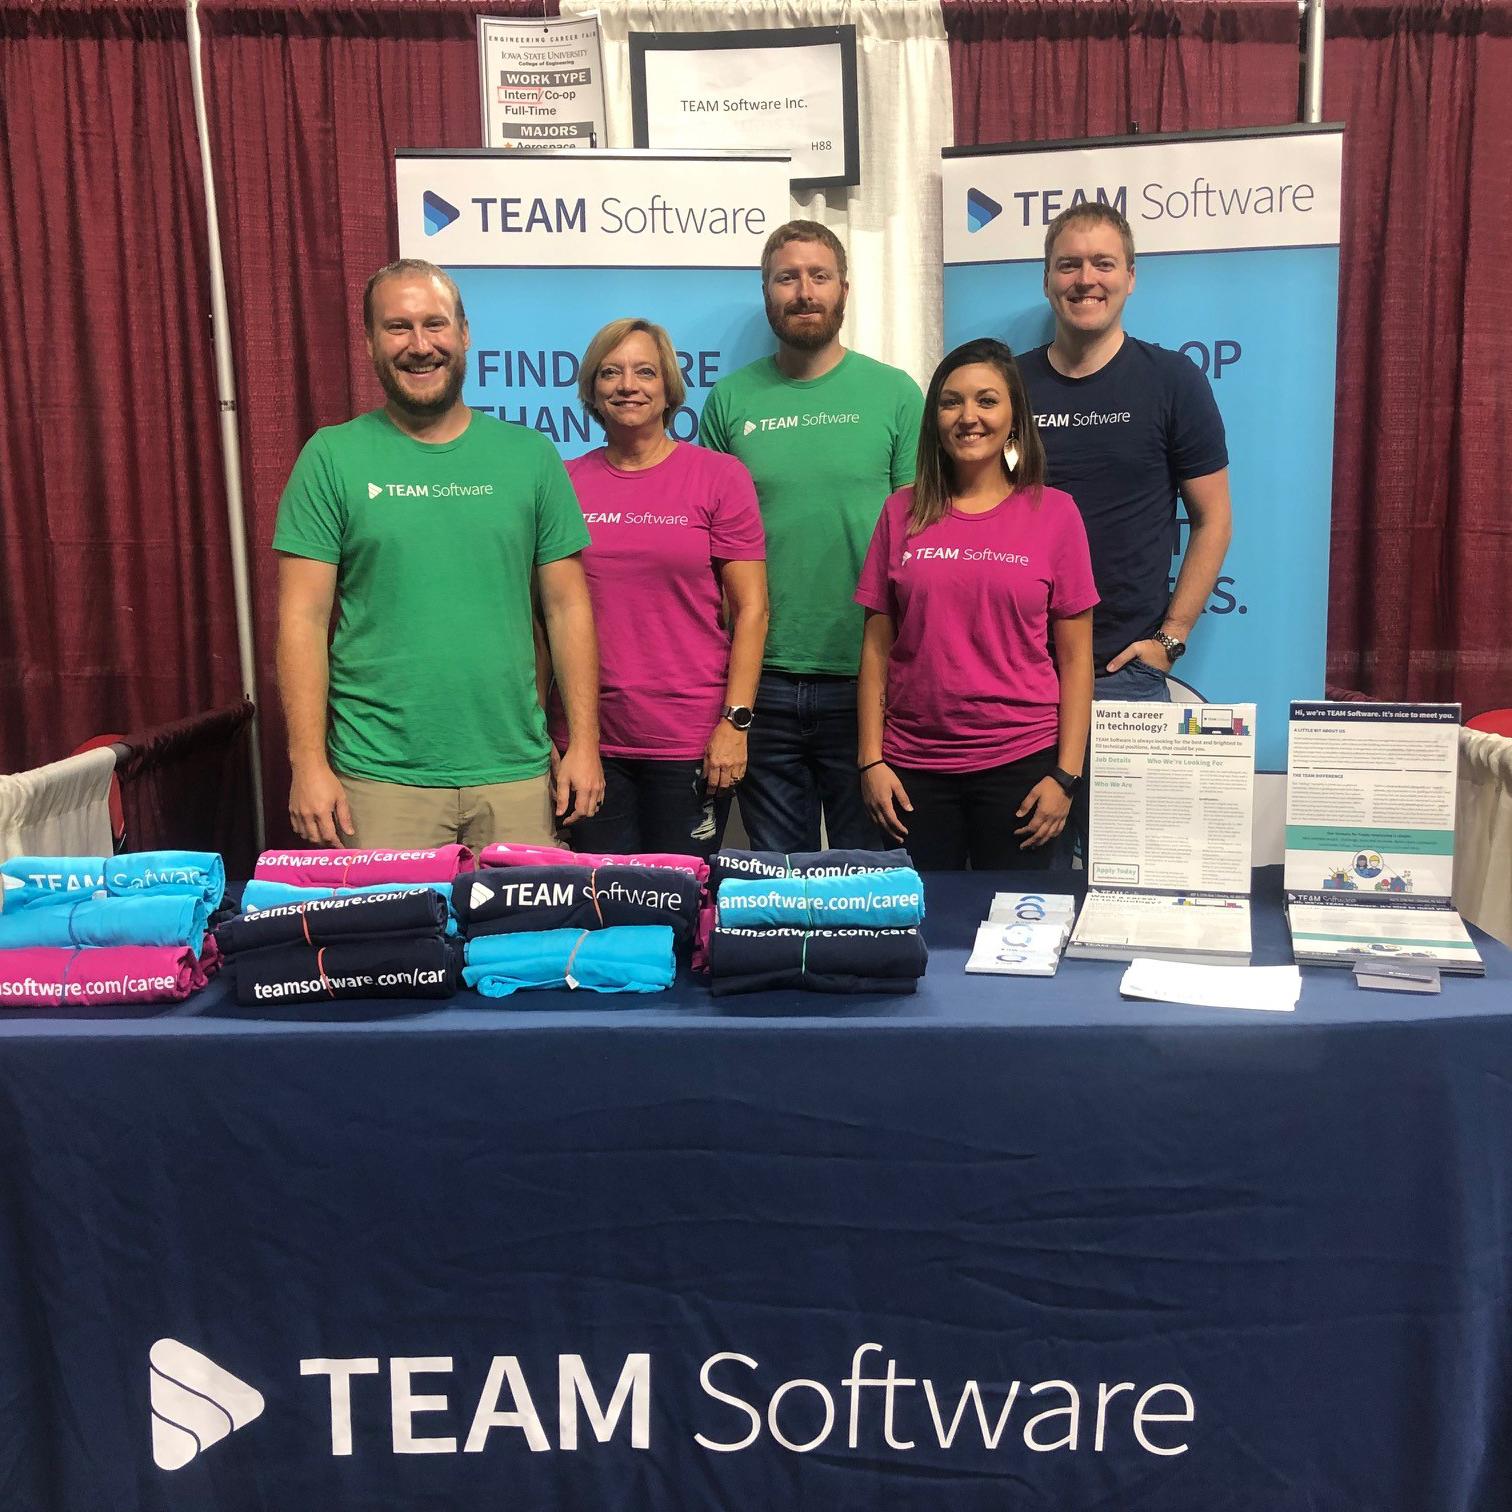 TEAM Software Job Recruiting